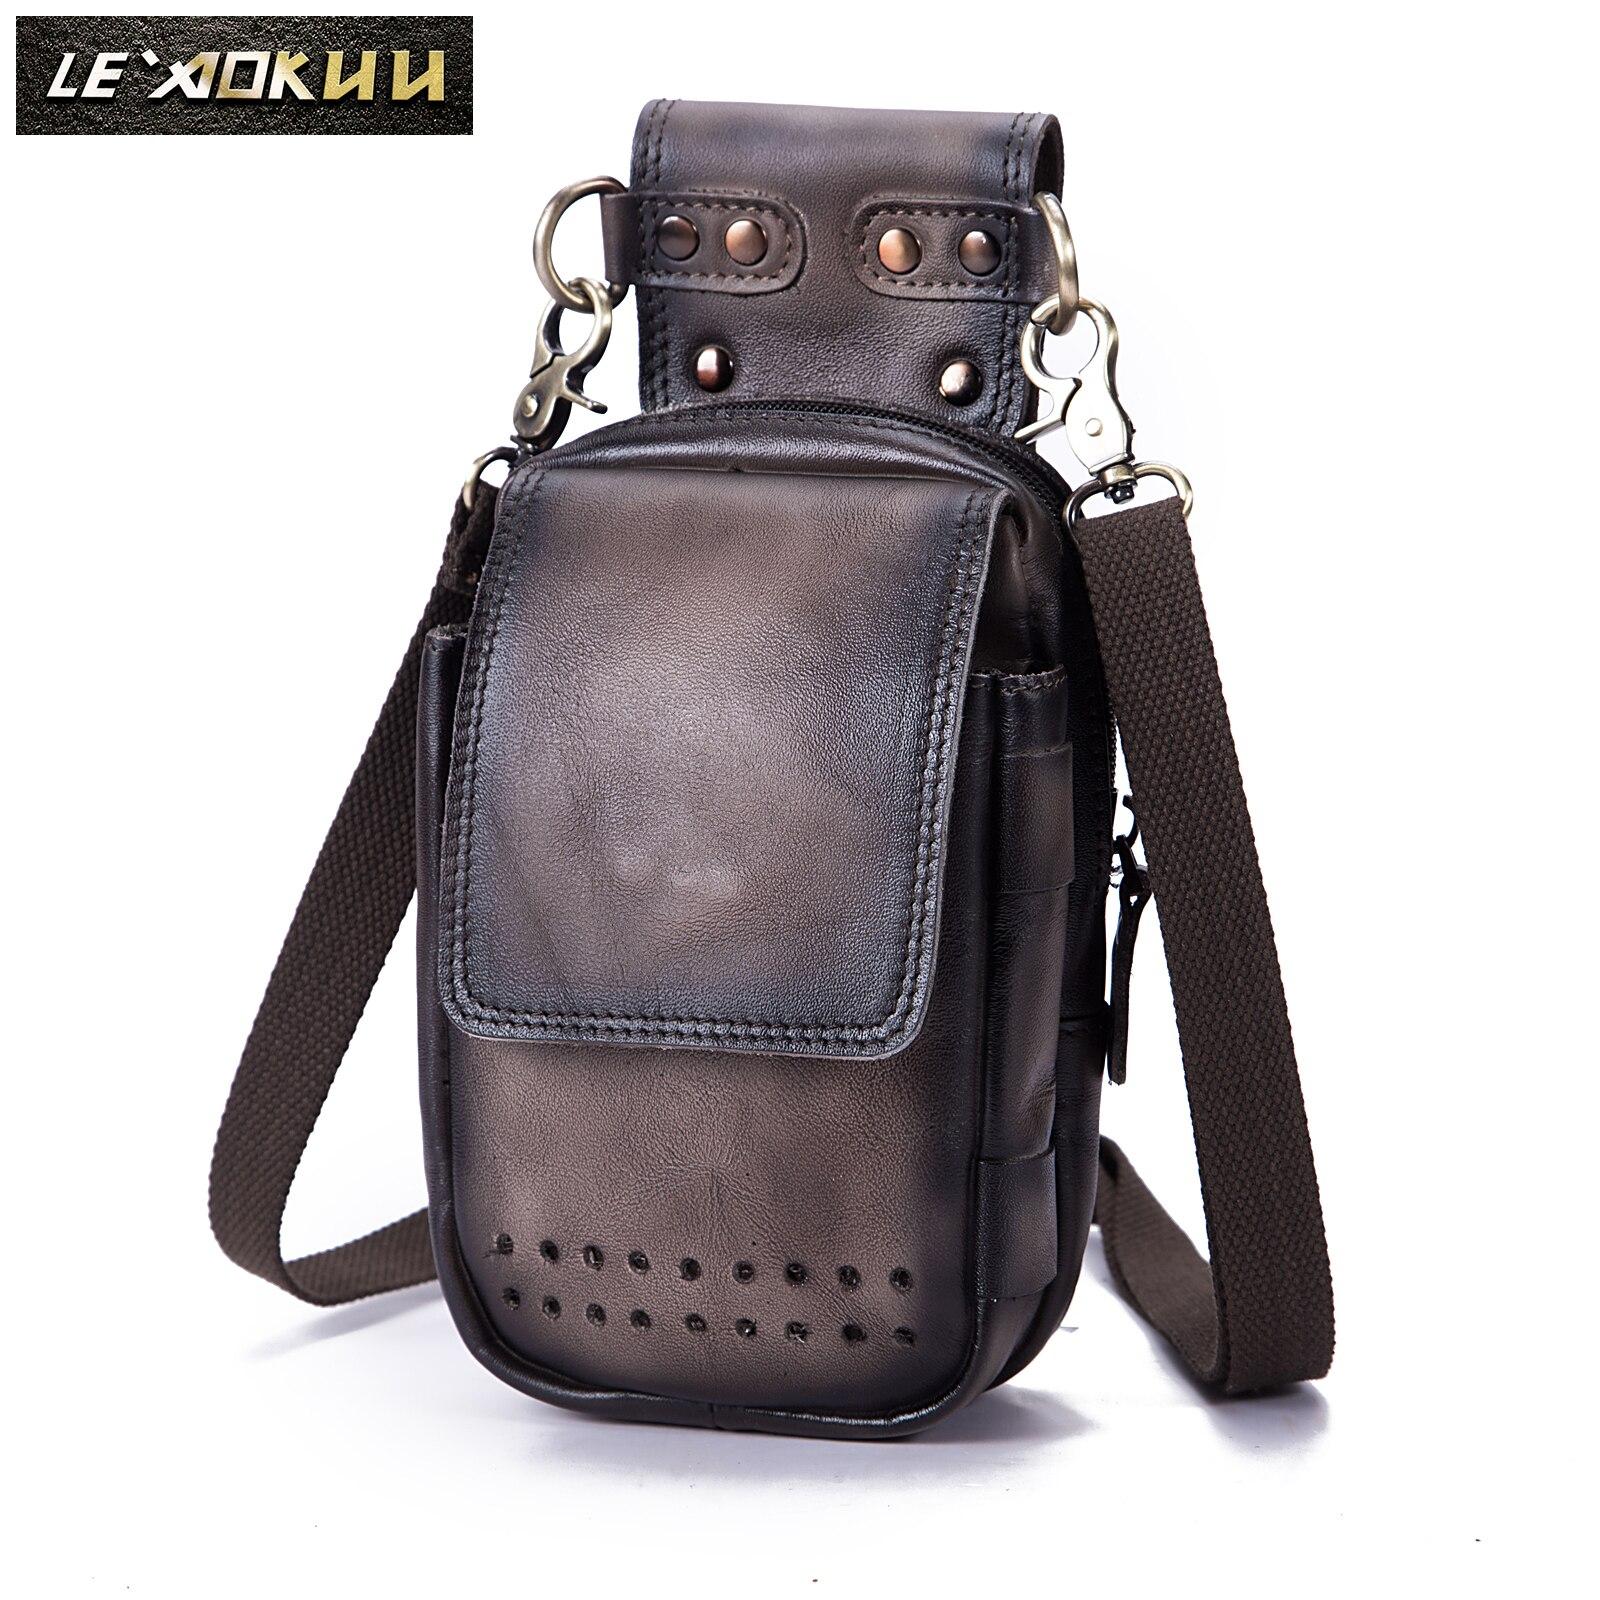 Genuine Leather Men Casual Design Small Messenger Shoulder Bag Fashion Fanny Waist Belt Pack Cigarette 6